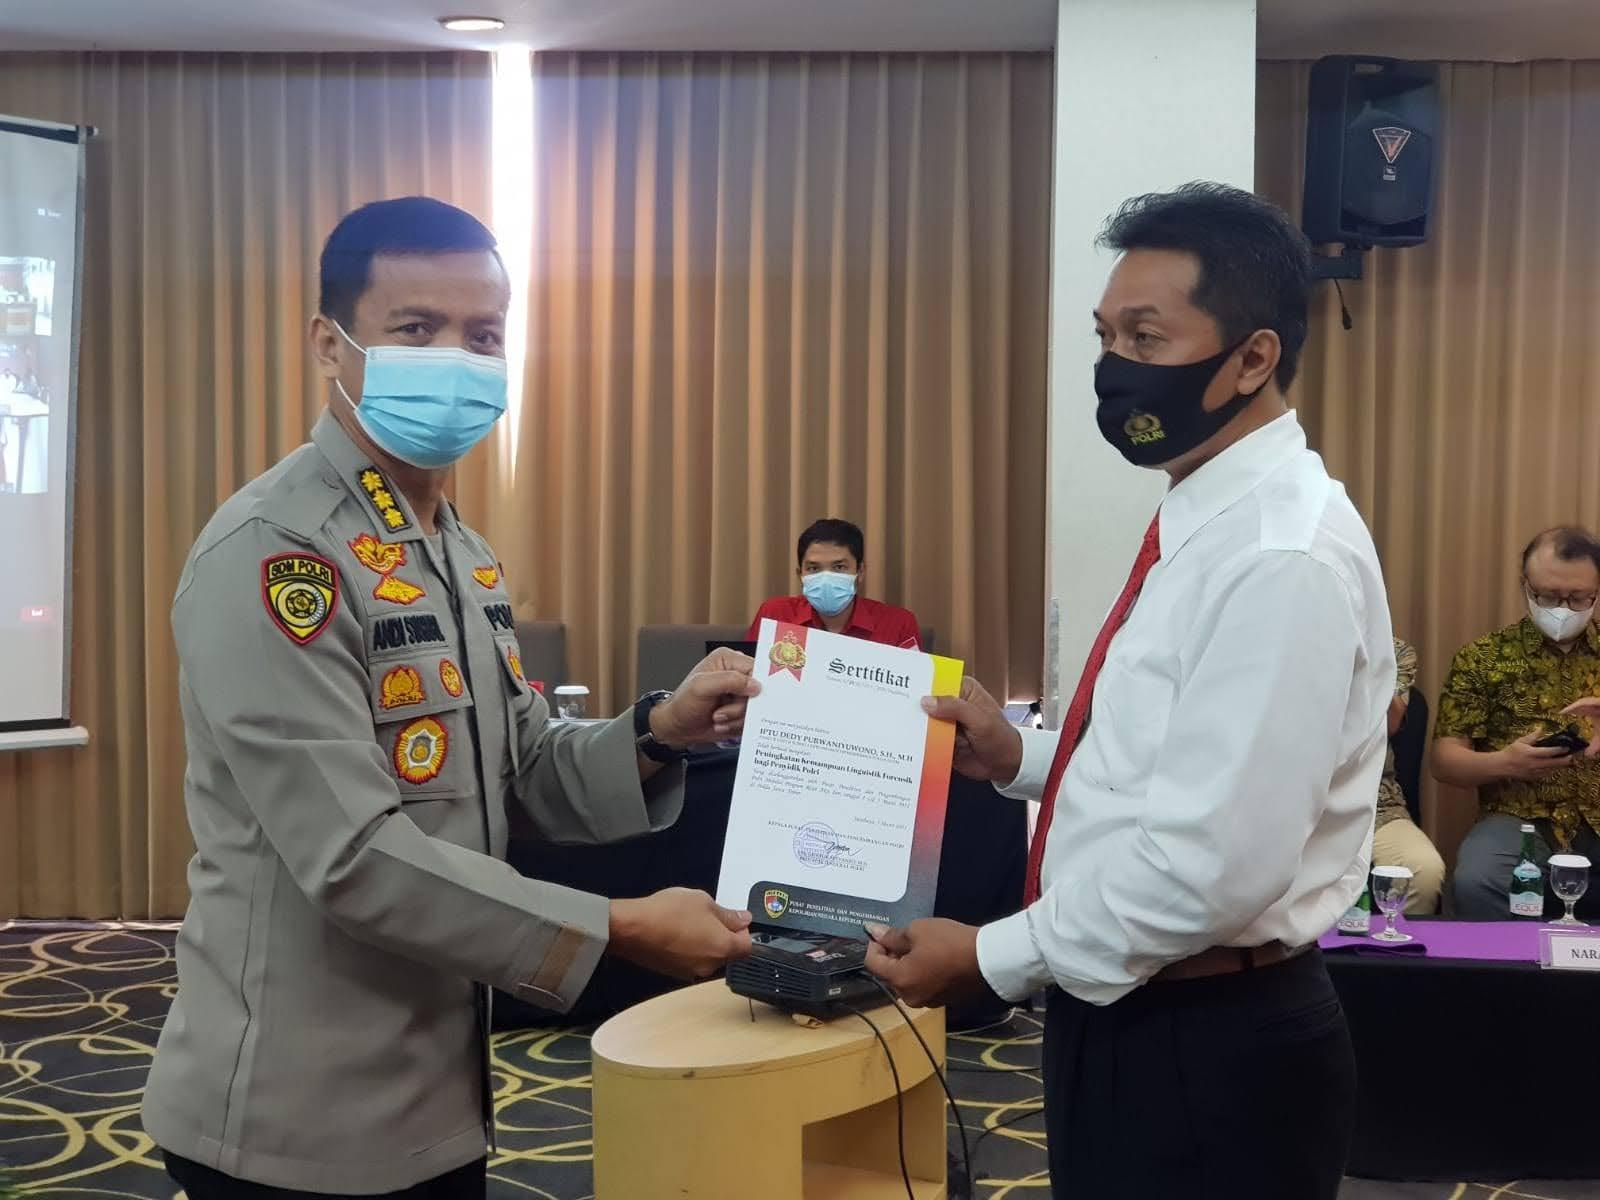 Memuaskan, Nilai Sempurna Diraih Personel Polda Jatim pada Pelatihan Kemampuan Linguistik Forensik Bagi Penyidik Polri